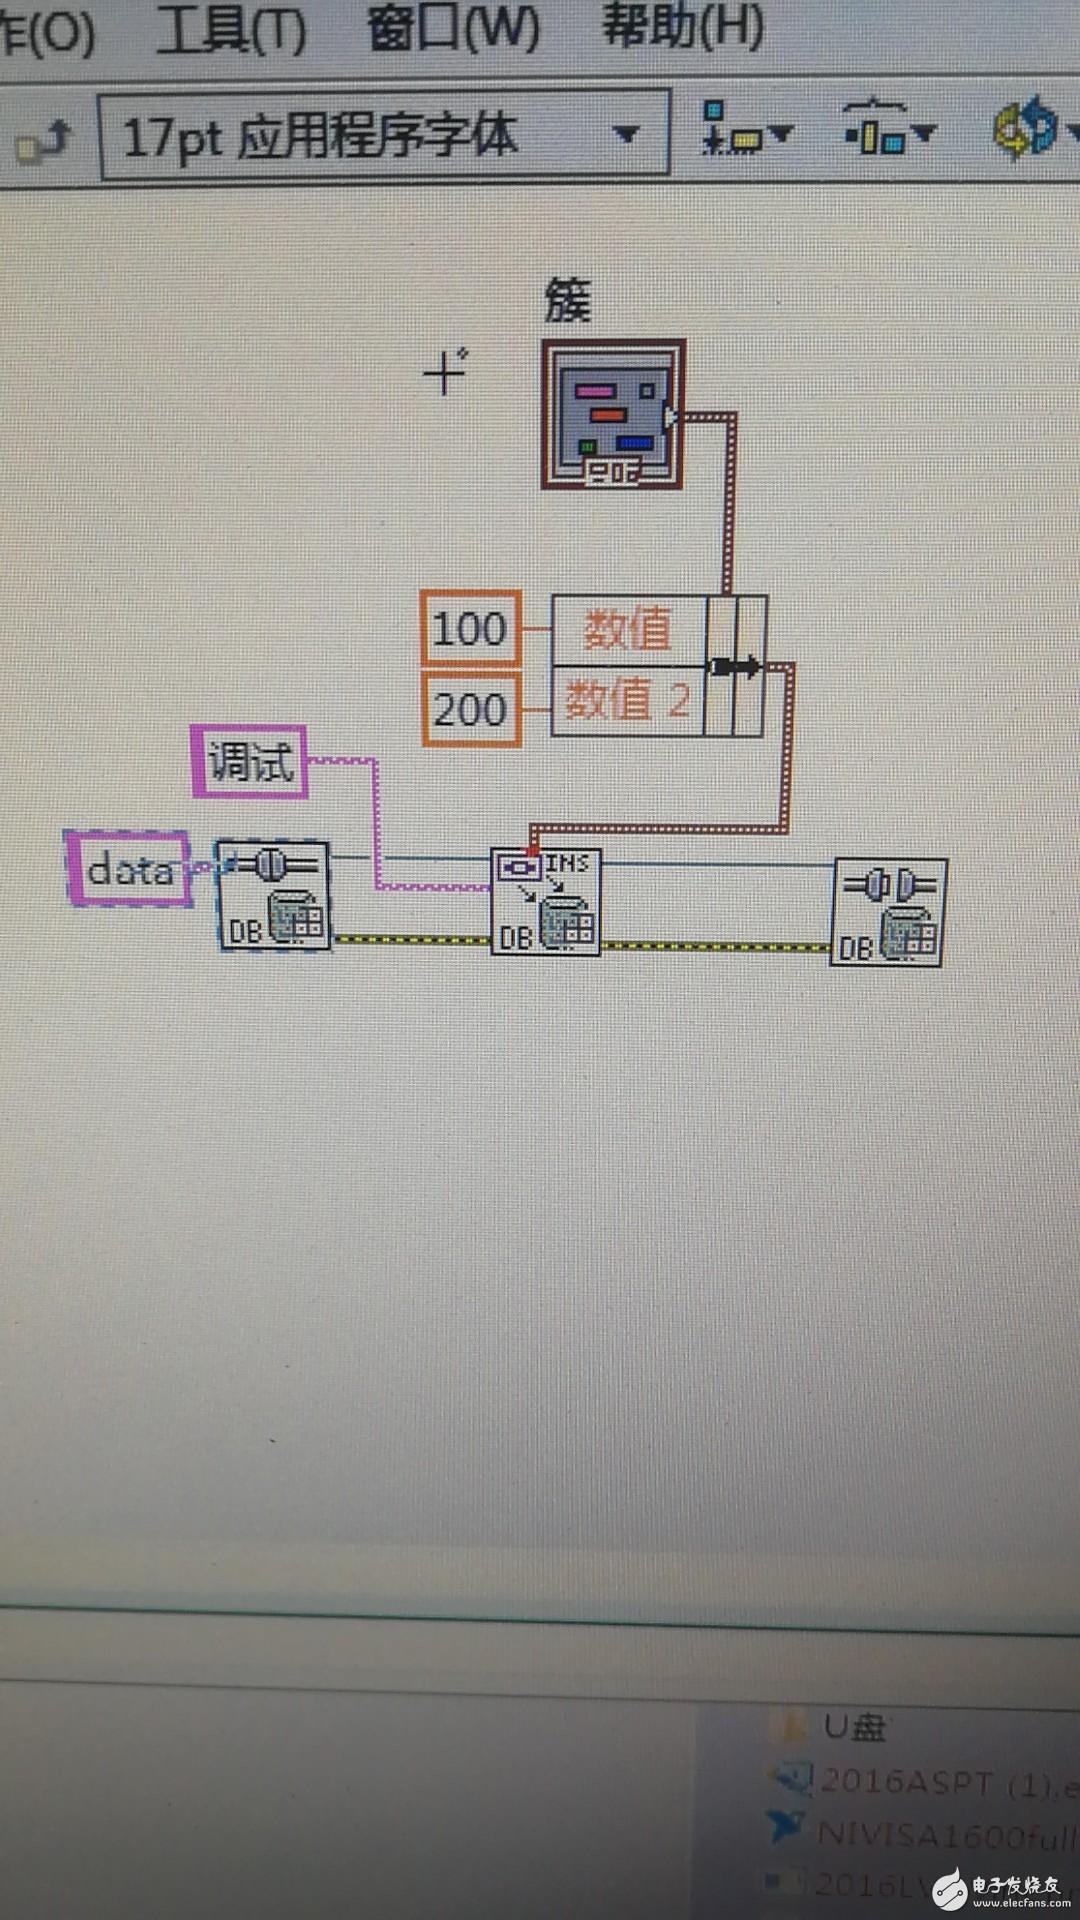 如何实现Labview 导入Access 数据库自动编号?